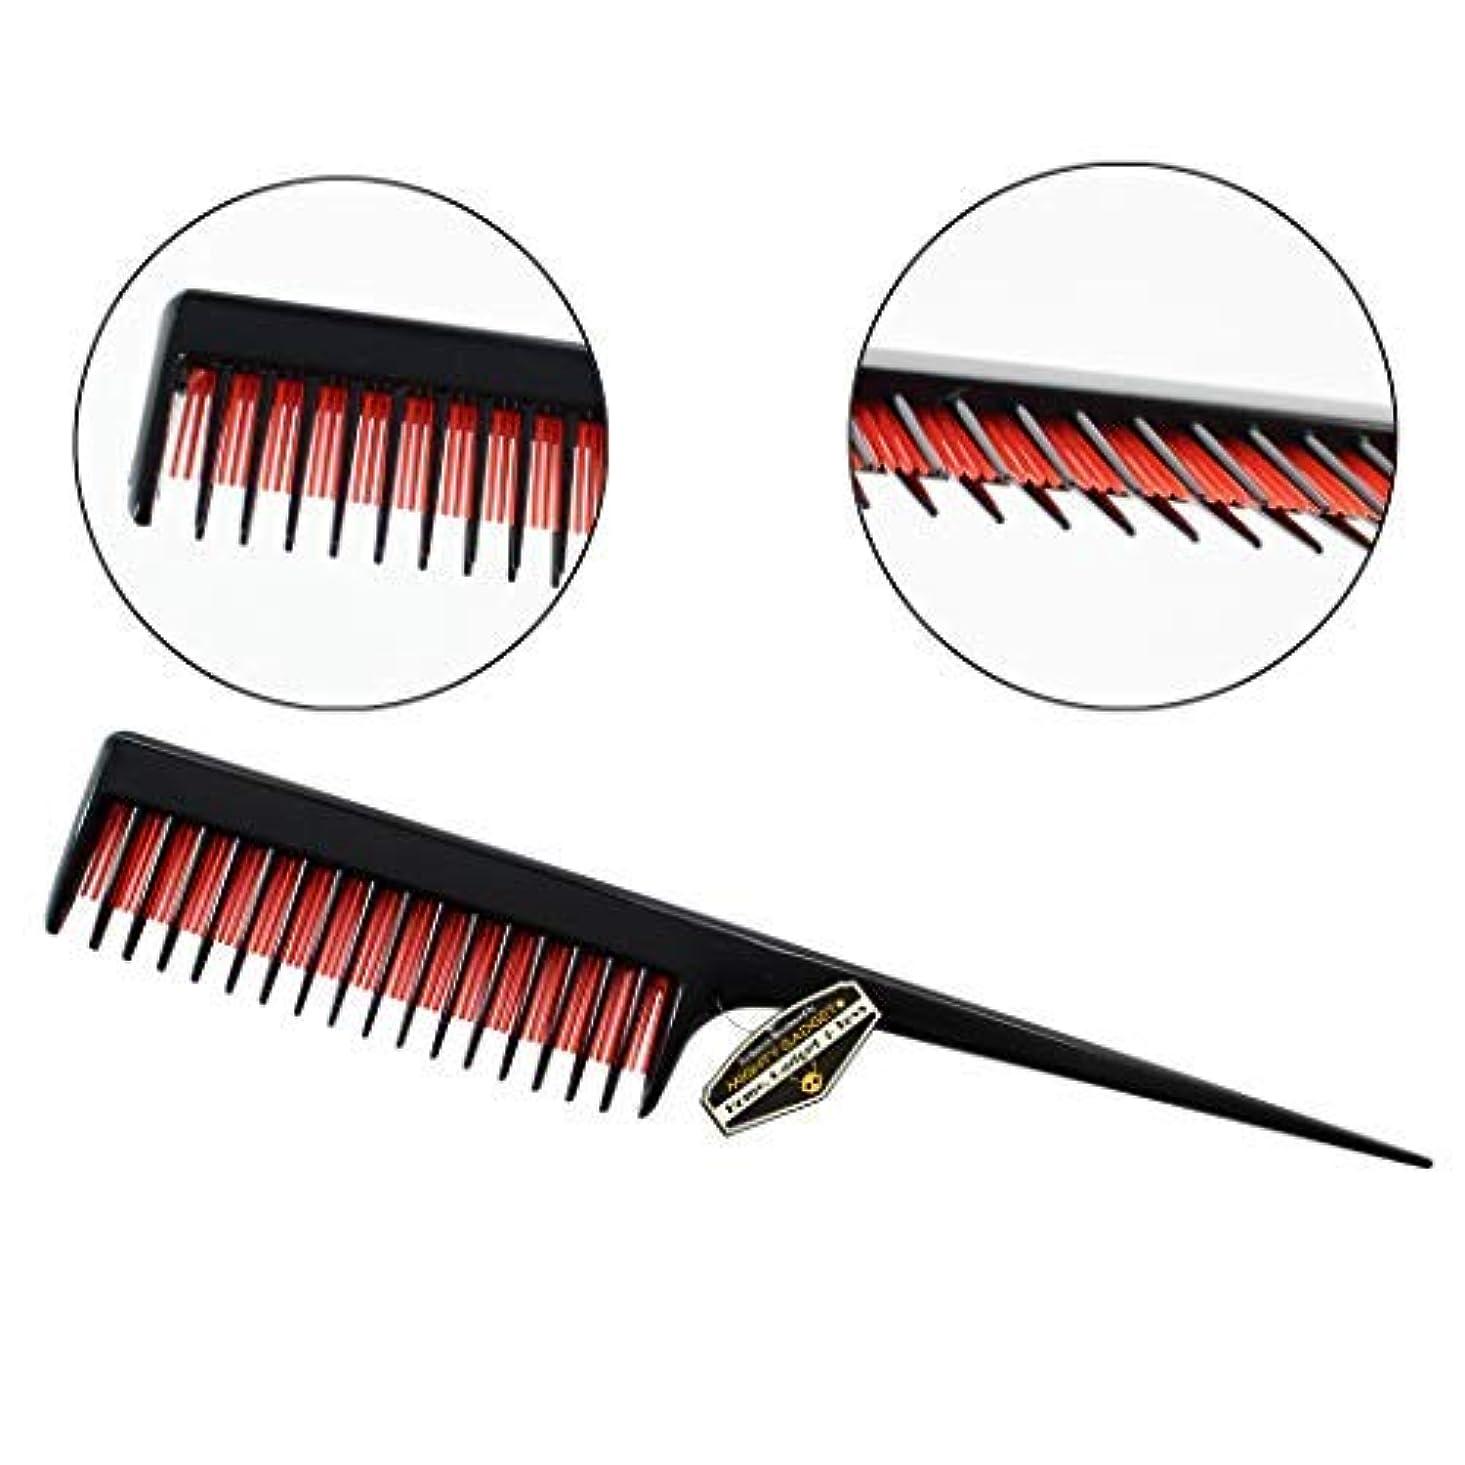 ポール学校教育信仰3 Pack of Mighty Gadget 8 inch Teasing Comb - Rat Tail Comb for Back Combing, Root Teasing, Adding Volume, Evening...